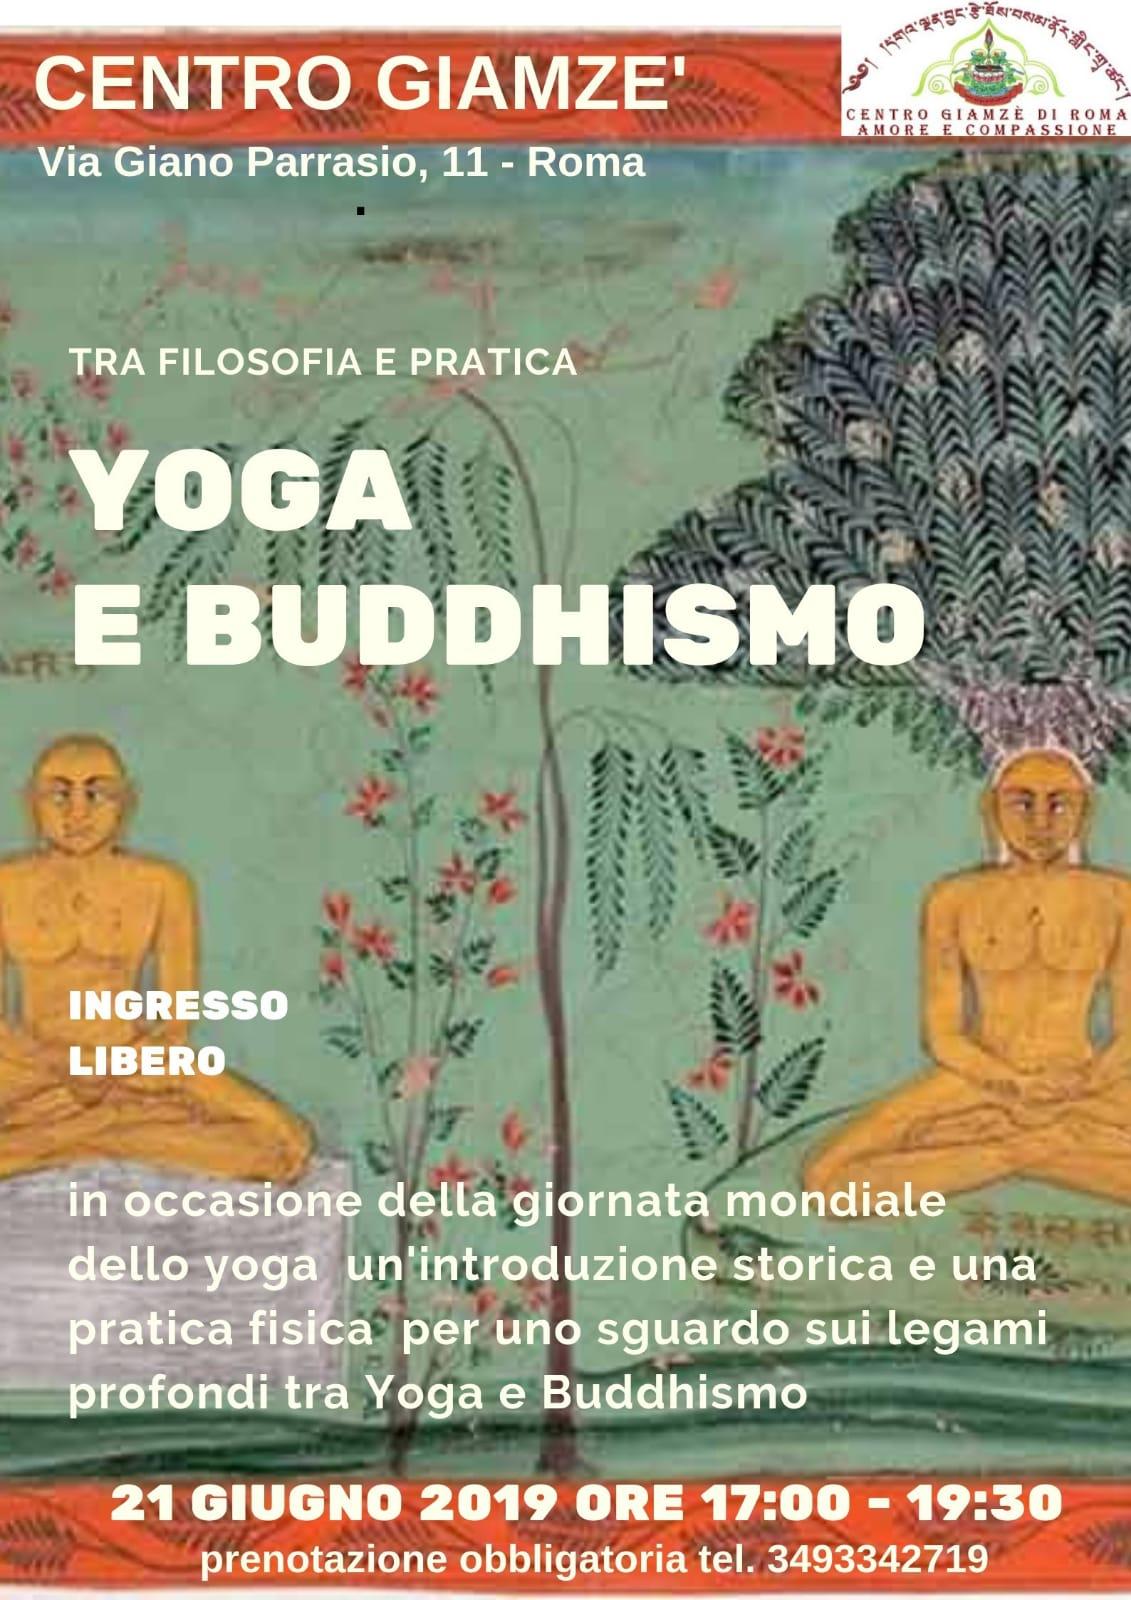 Giornata Mondiale dello Yoga al Centro Giamzè di Roma